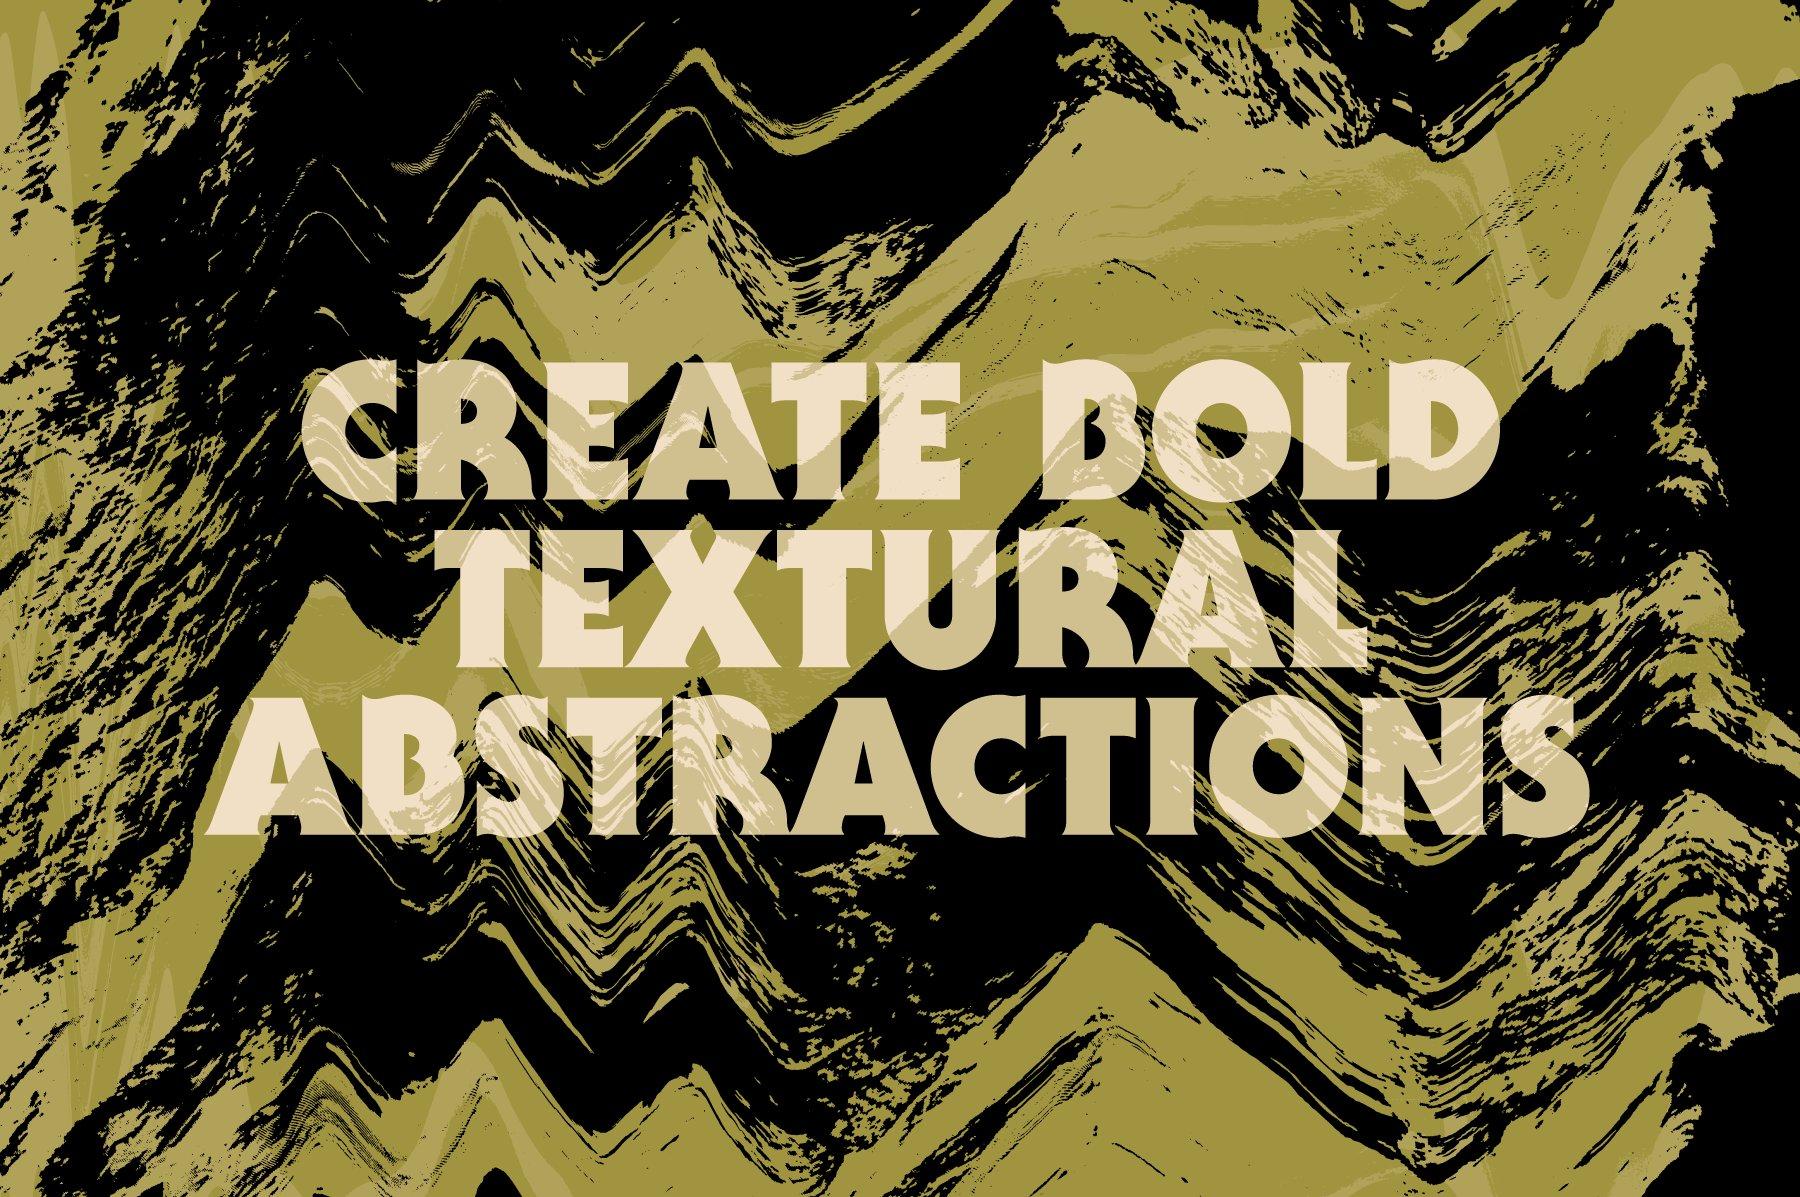 16款酸色调扭曲故障复制纹理平面广告设计背景矢量素材 Acid Tone Warped Copy Textures插图(5)